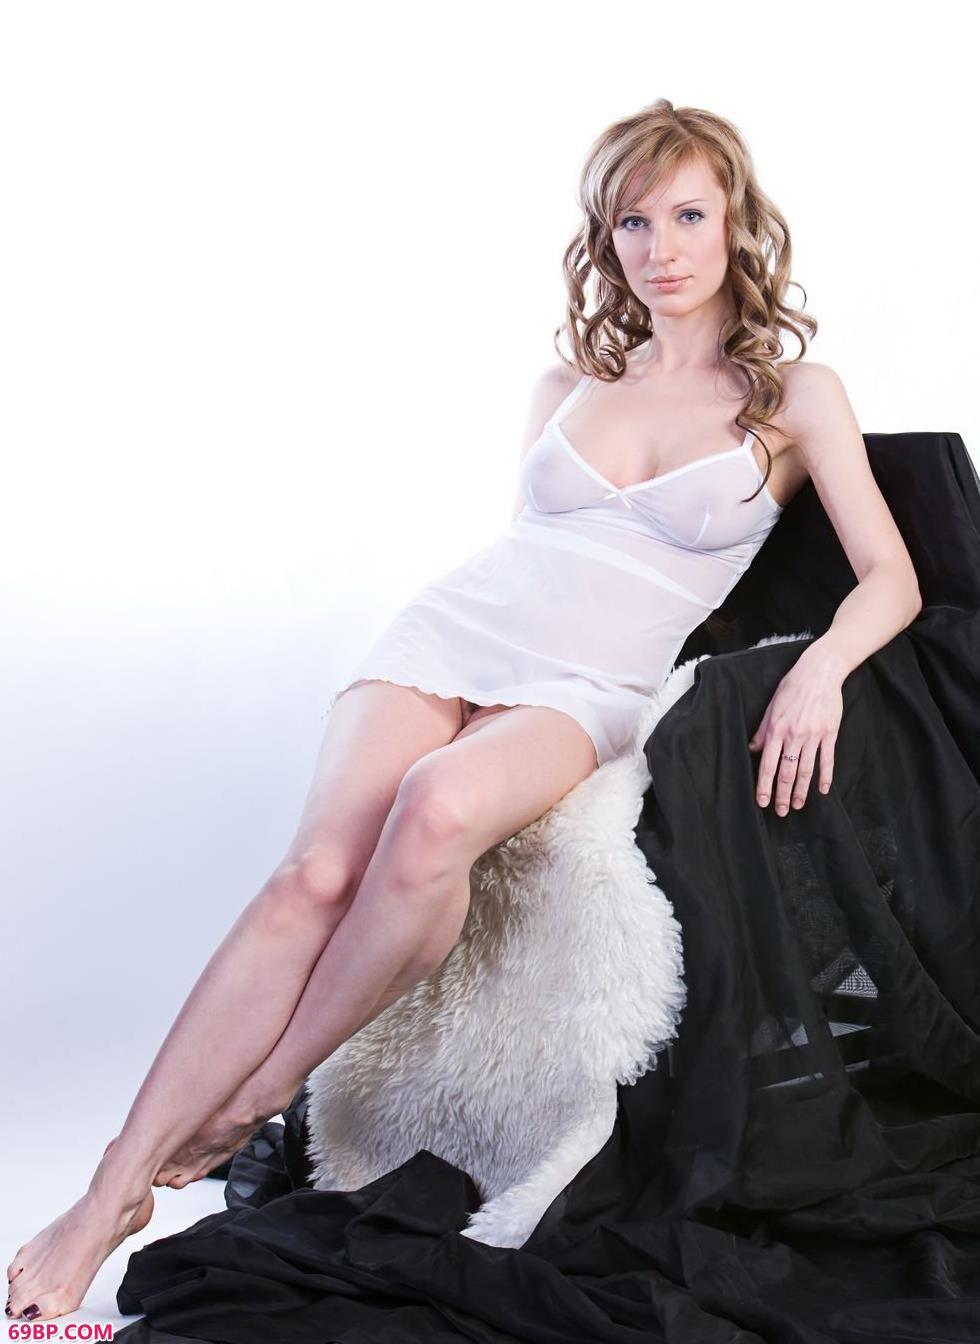 最大胆美女人体图片_名模Olga室拍丰润人体